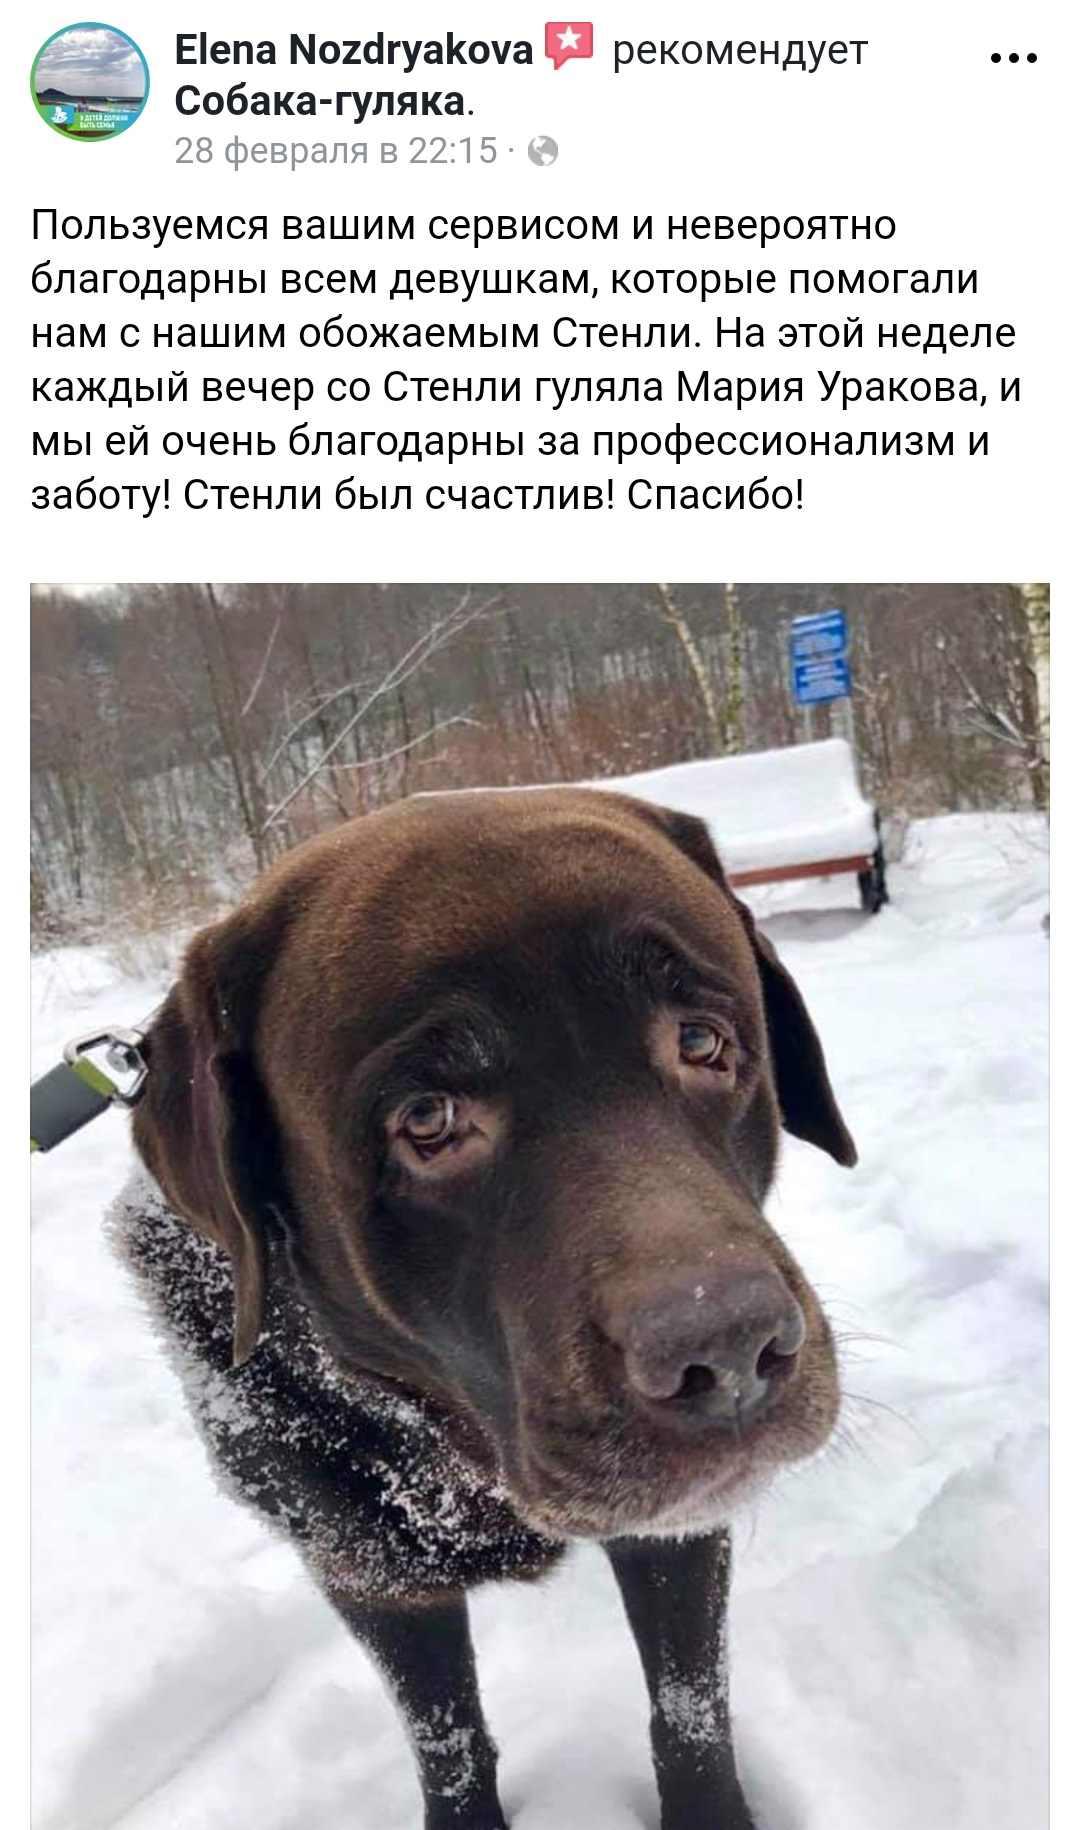 Прикольные картинки собак на прогулке 18